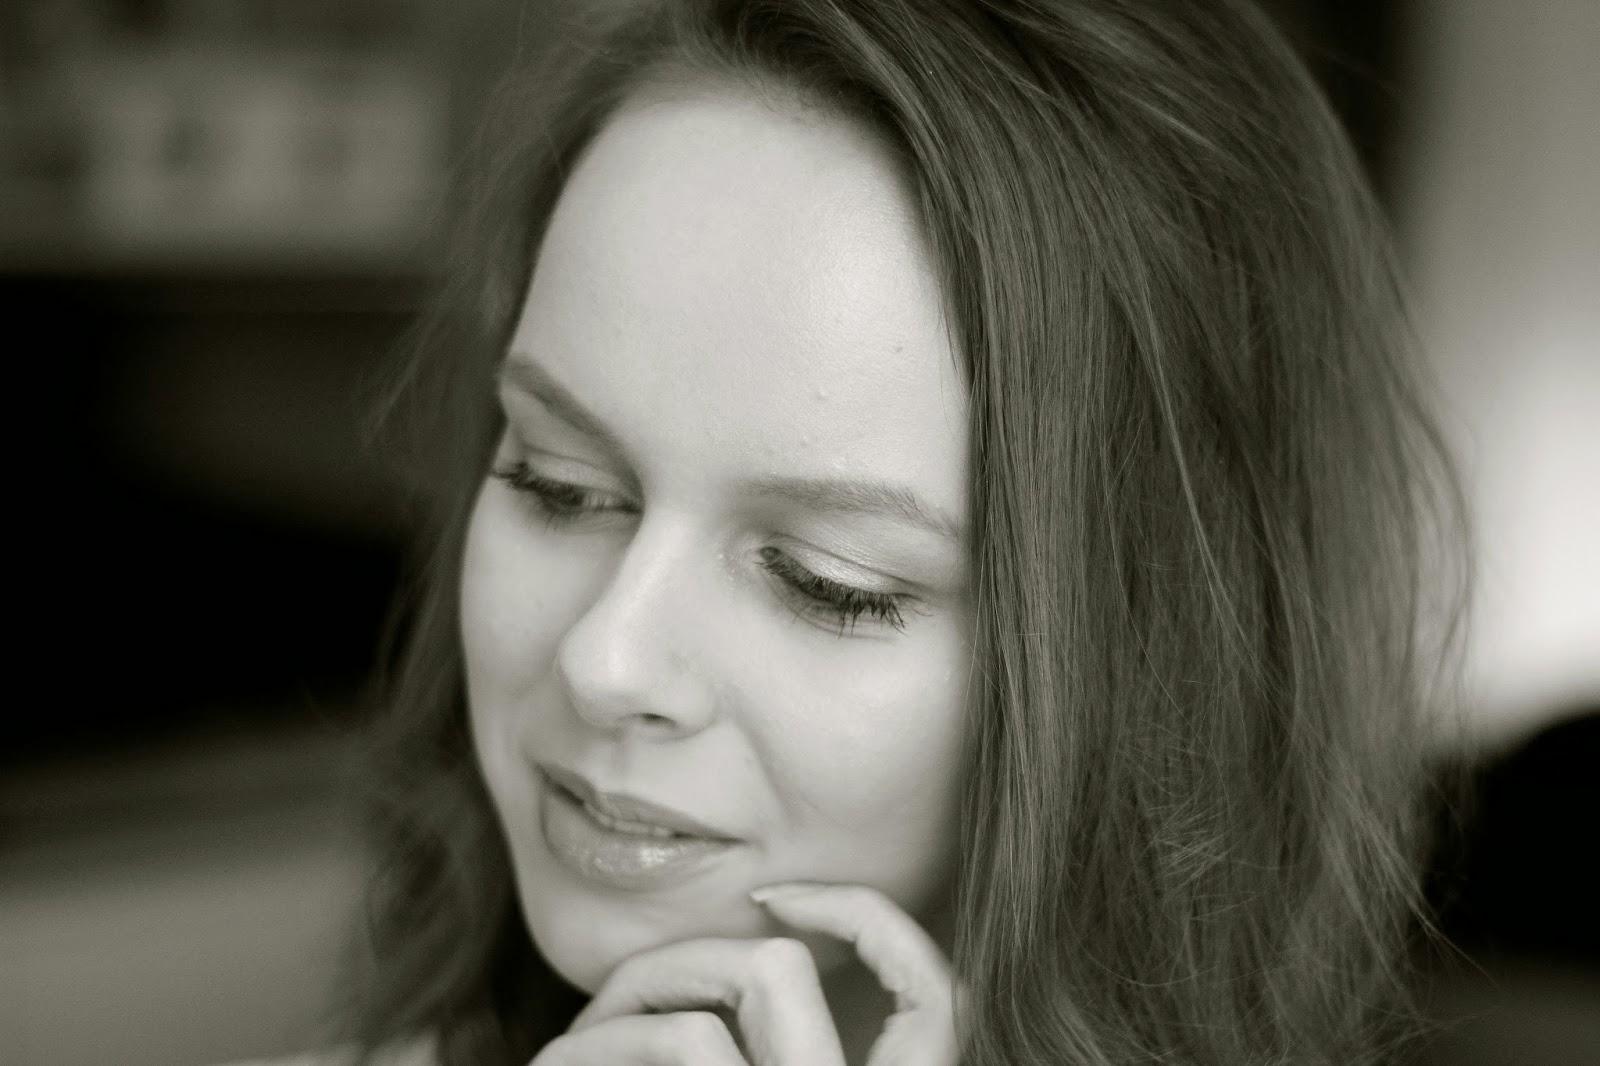 portretfoto black & white